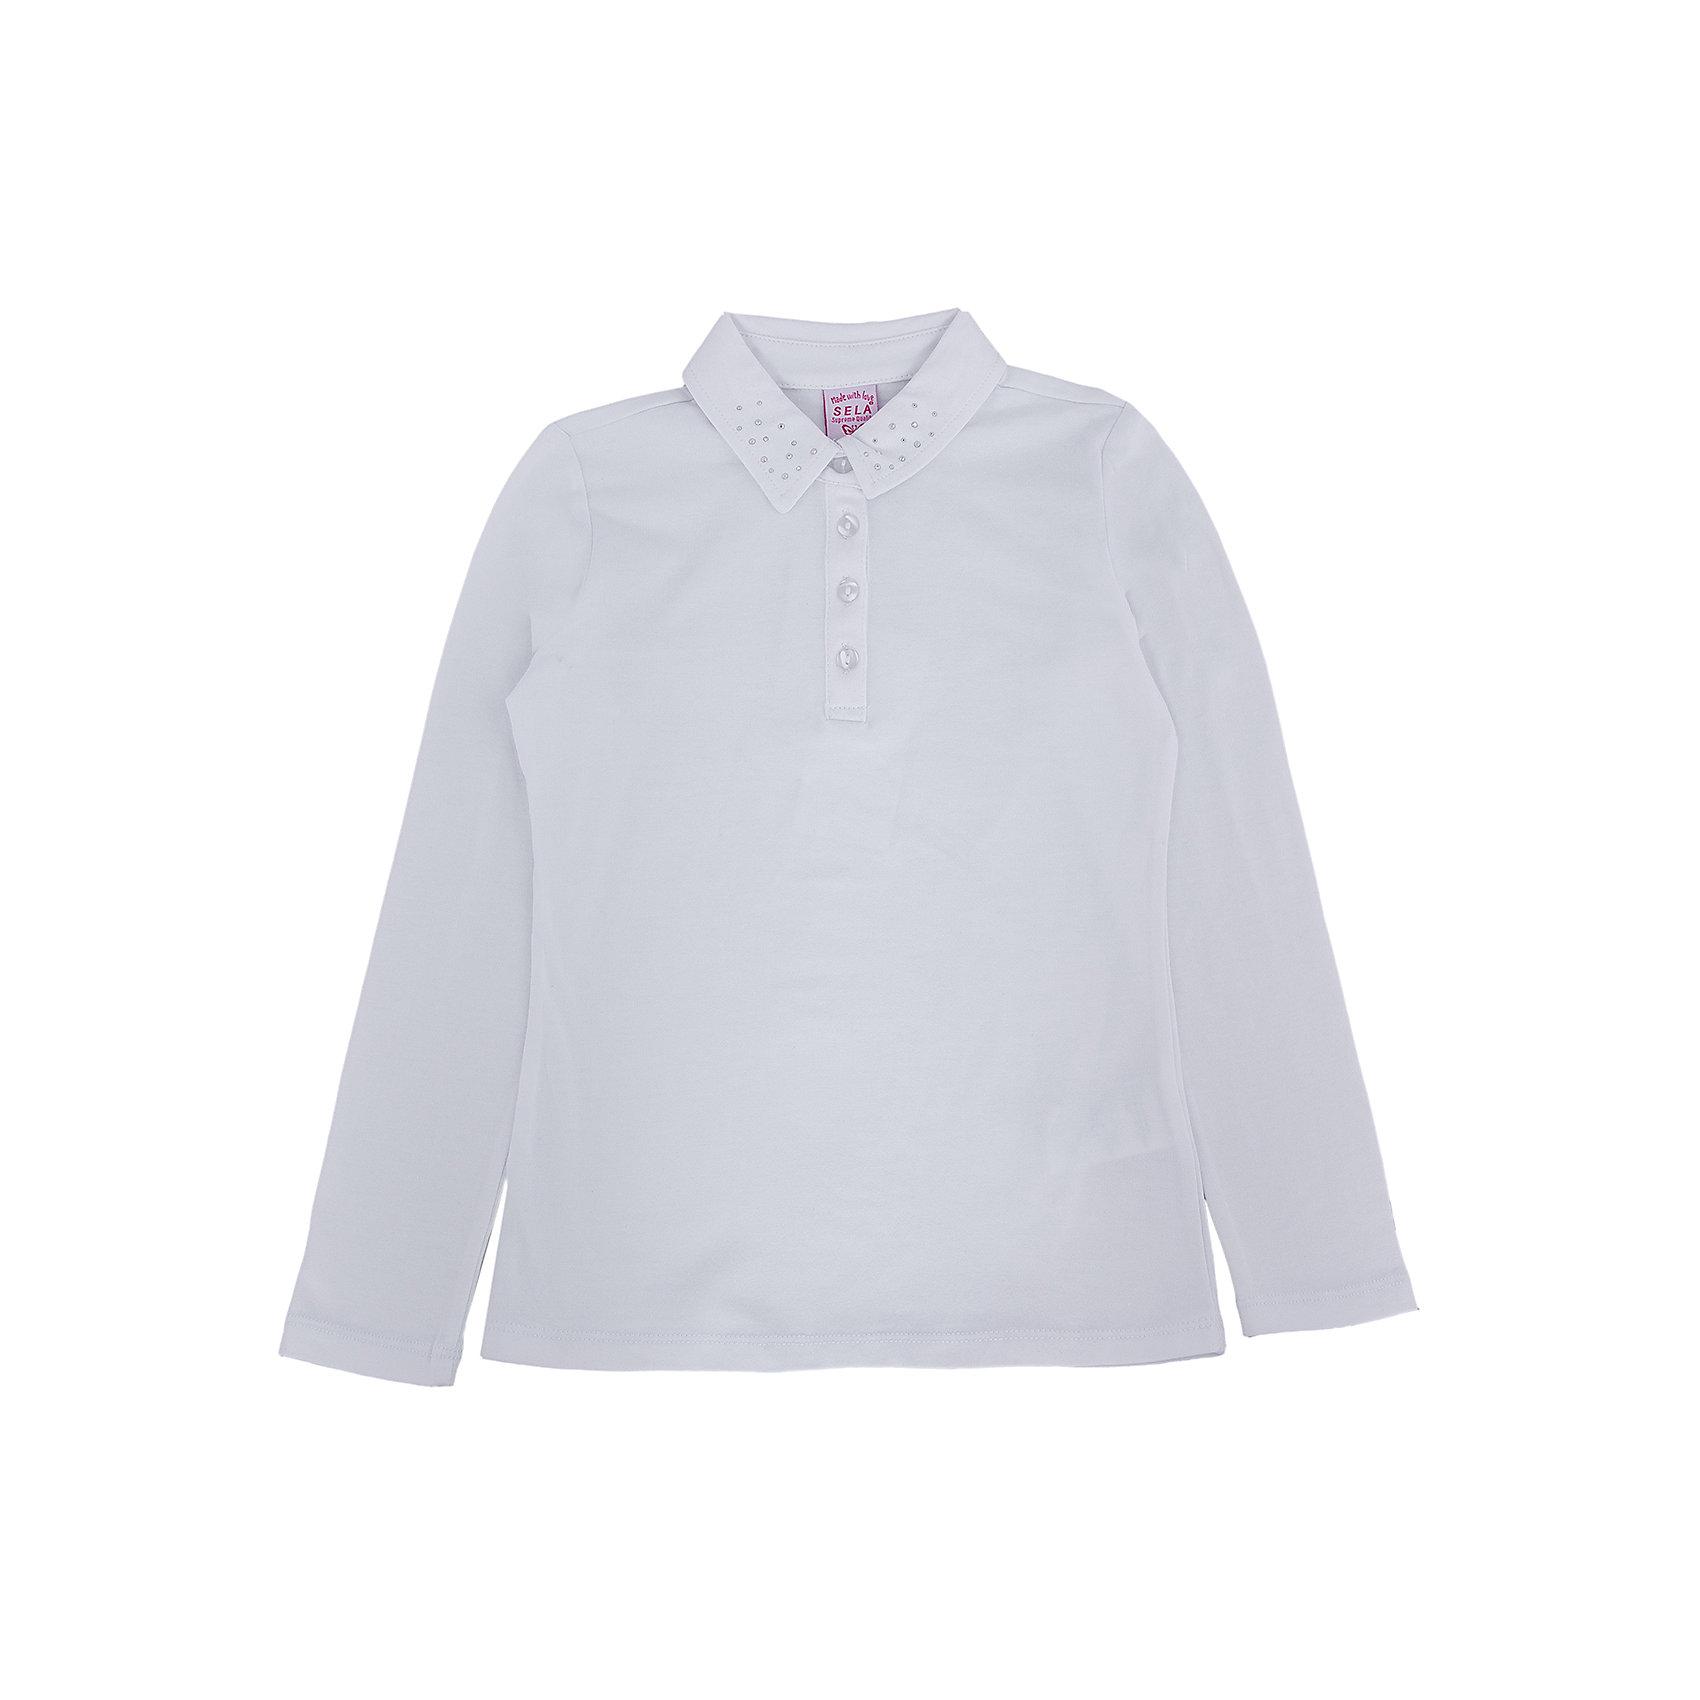 Блузка для девочки SELAБлузки и рубашки<br>Блузка для девочки из коллекции осень-зима 2016-2017 от известного бренда Sela(сэла). Модель имеет длинные рукава и полуприлегающий силуэт. Классическая светлая блузка - отличный вариант для важных мероприятий!<br>Особенности:<br>-длинные рукава<br>-полуприлегающий силуэт<br>Состав: 5% эластан, 95% хлопок<br>Блузку для девочек Sela(сэла) можно купить в нашем интернет-магазине.<br><br>Ширина мм: 186<br>Глубина мм: 87<br>Высота мм: 198<br>Вес г: 197<br>Цвет: белый<br>Возраст от месяцев: 168<br>Возраст до месяцев: 180<br>Пол: Женский<br>Возраст: Детский<br>Размер: 170,152,158,164<br>SKU: 4883842